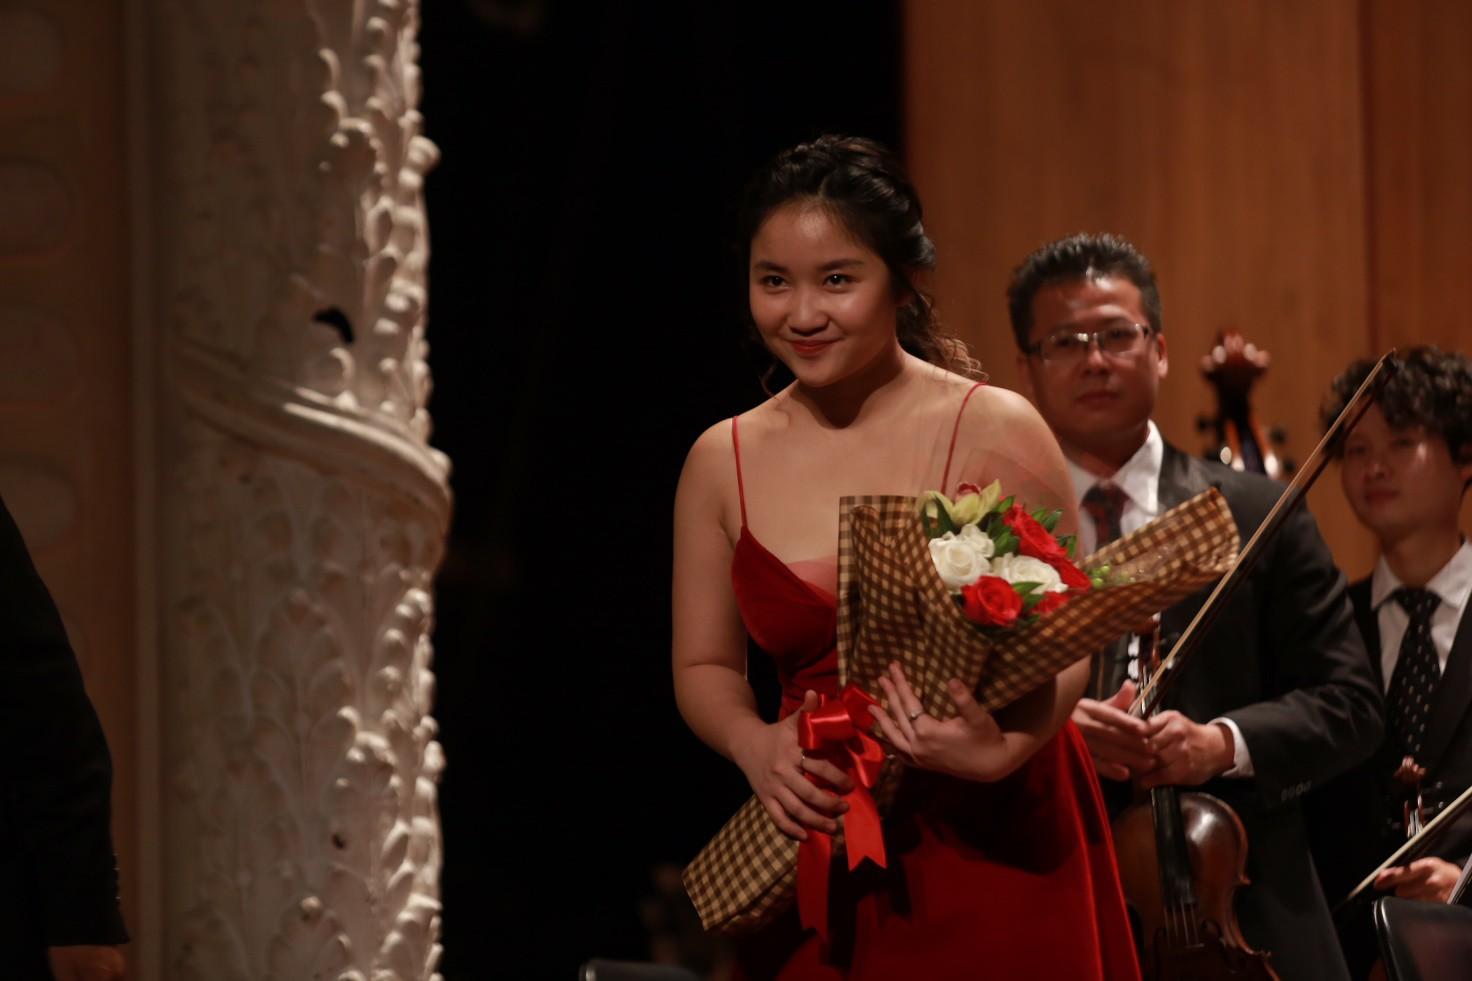 Acecook Việt Nam đem nhạc giao hưởng đến gần công chúng: đường dài lan toả hạnh phúc - Ảnh 9.